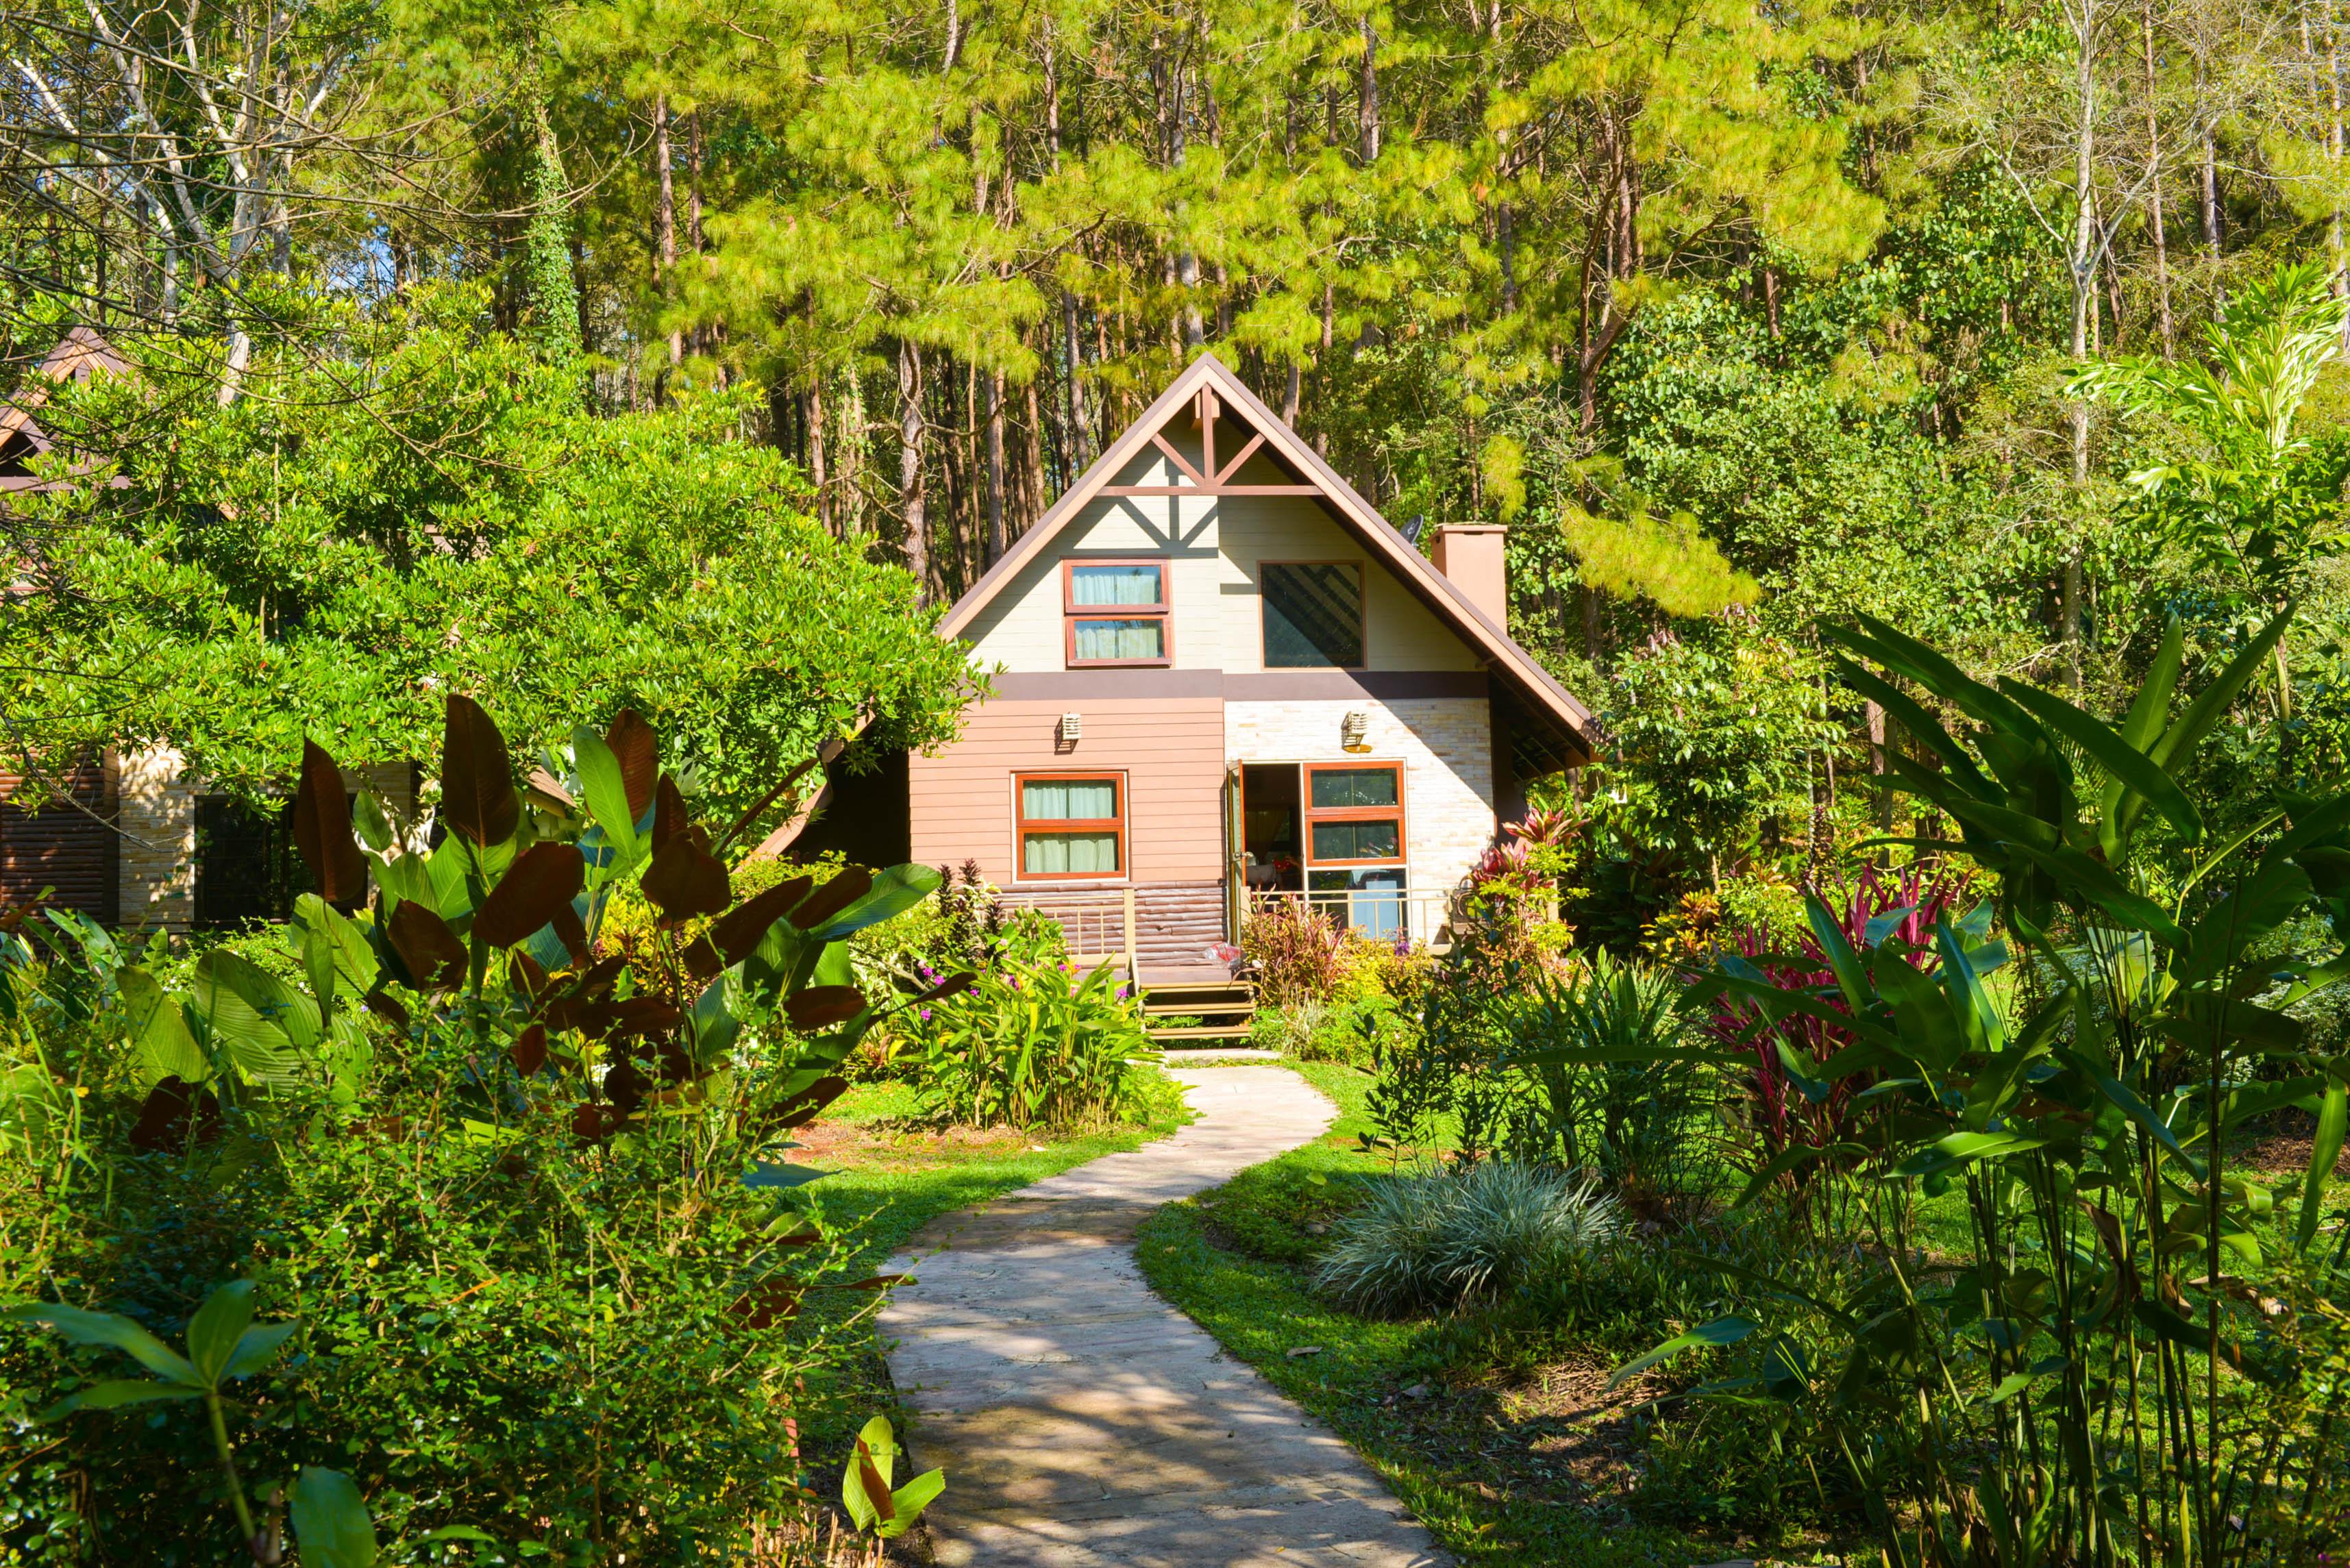 natuurhuisje, duurzame vakanties, vakantie huisje, groener wonen